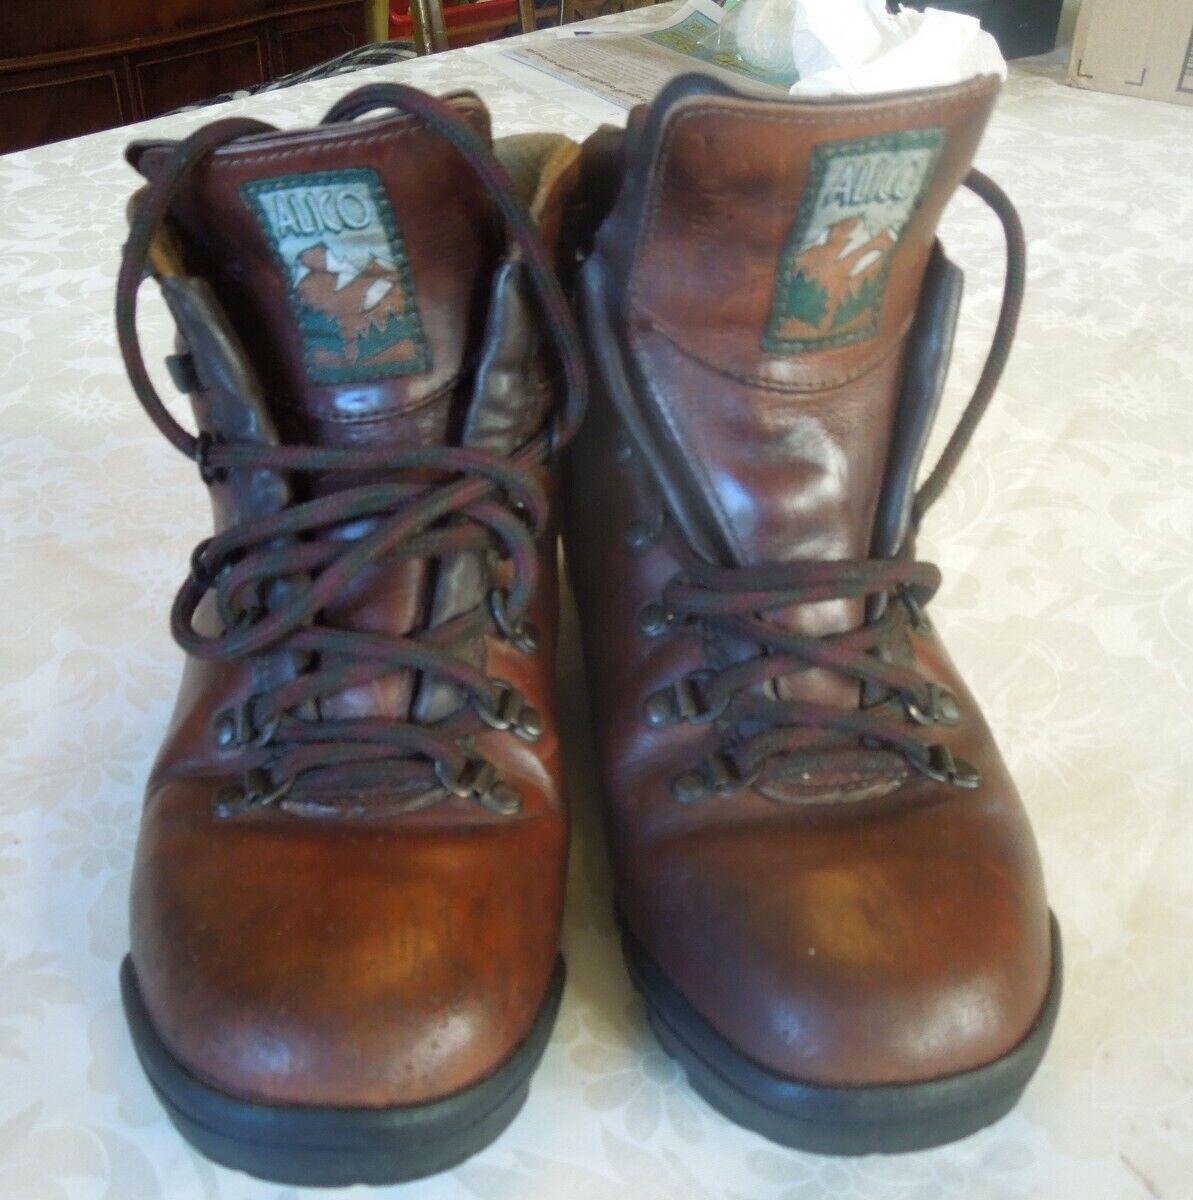 ALICO Bottes De Randonnée fabriqué en Italie en cuir marron femme 9.5 L Vibram Semelles Nice